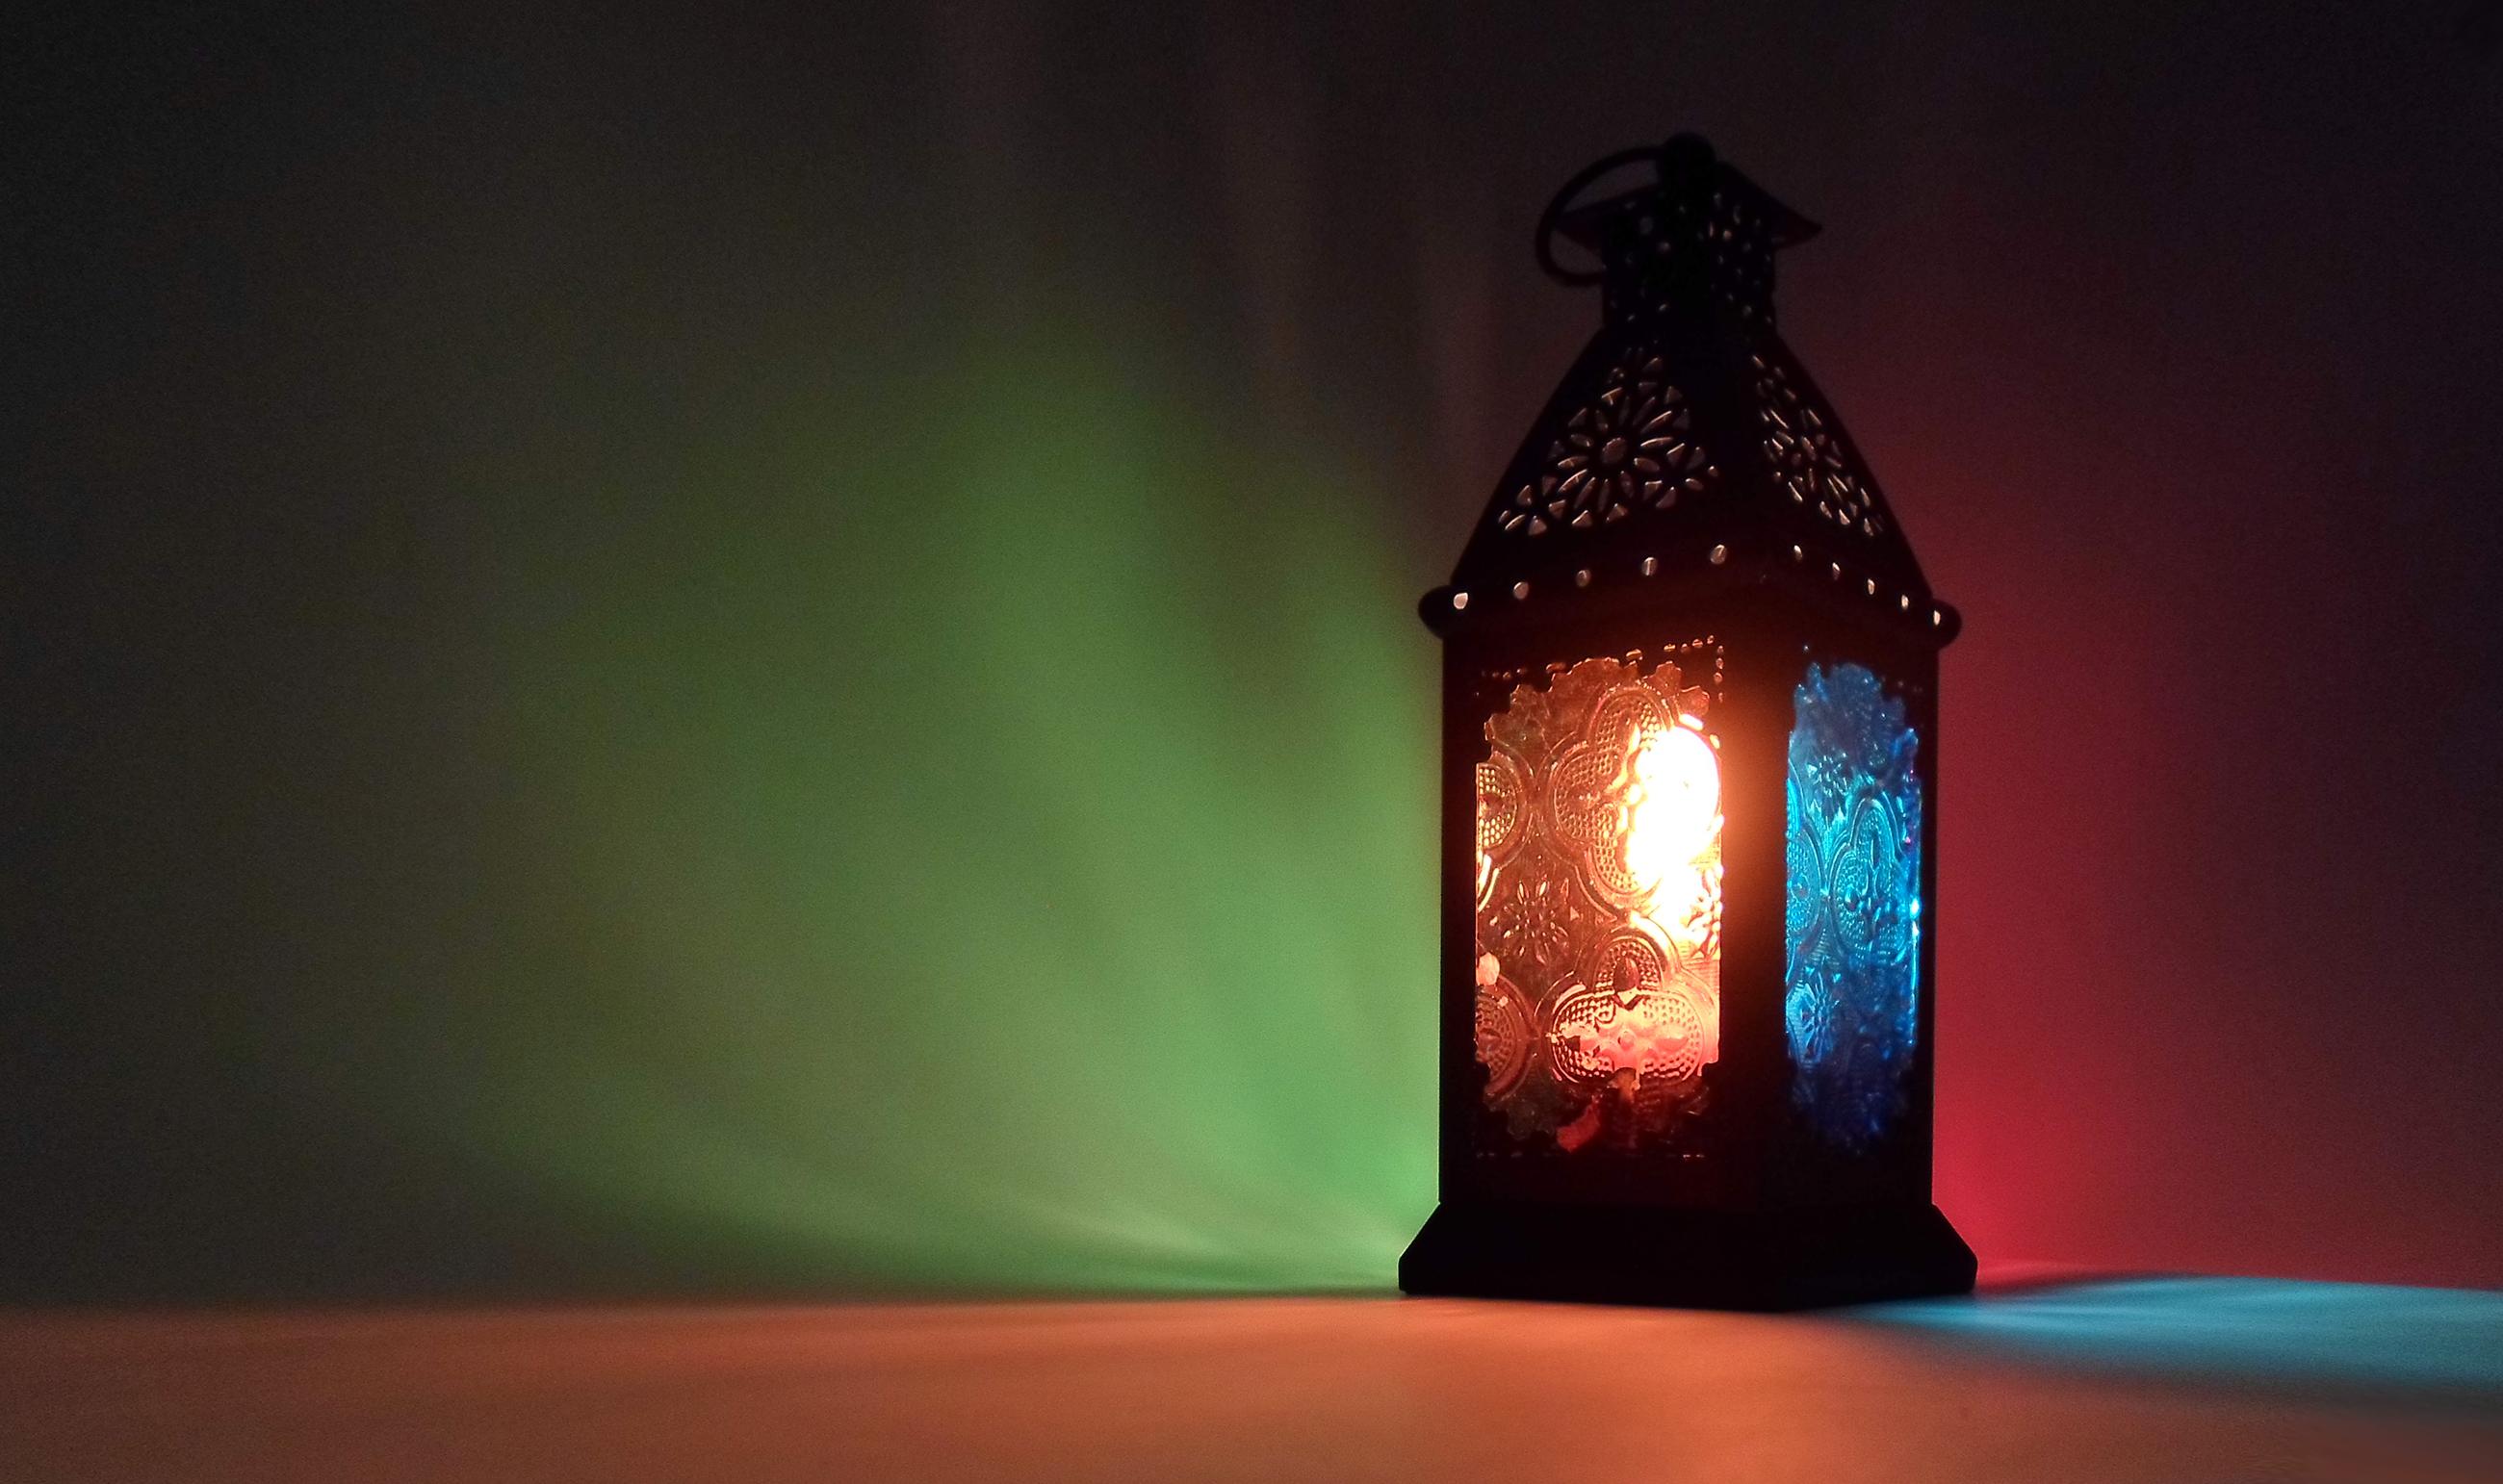 افطار را با کمک به مستمندی سحر میکنیم؟